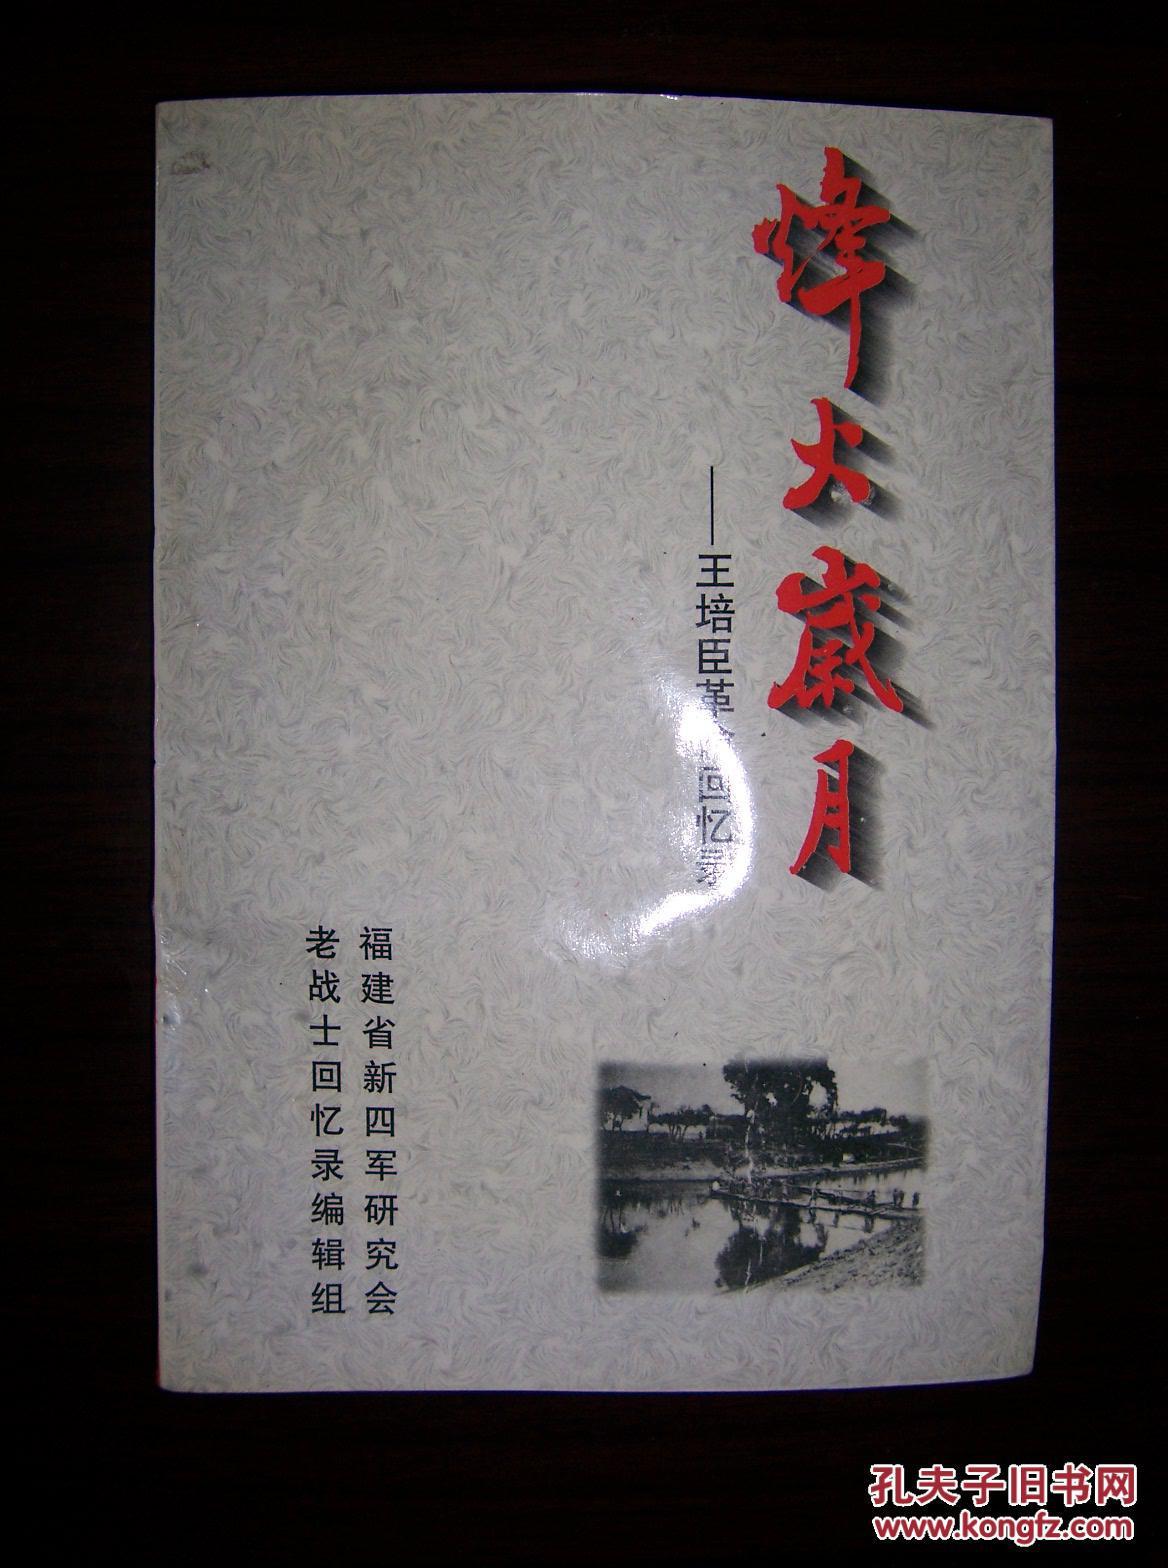 【孔网孤本】《烽火岁月---王培臣革命回忆录》少将王